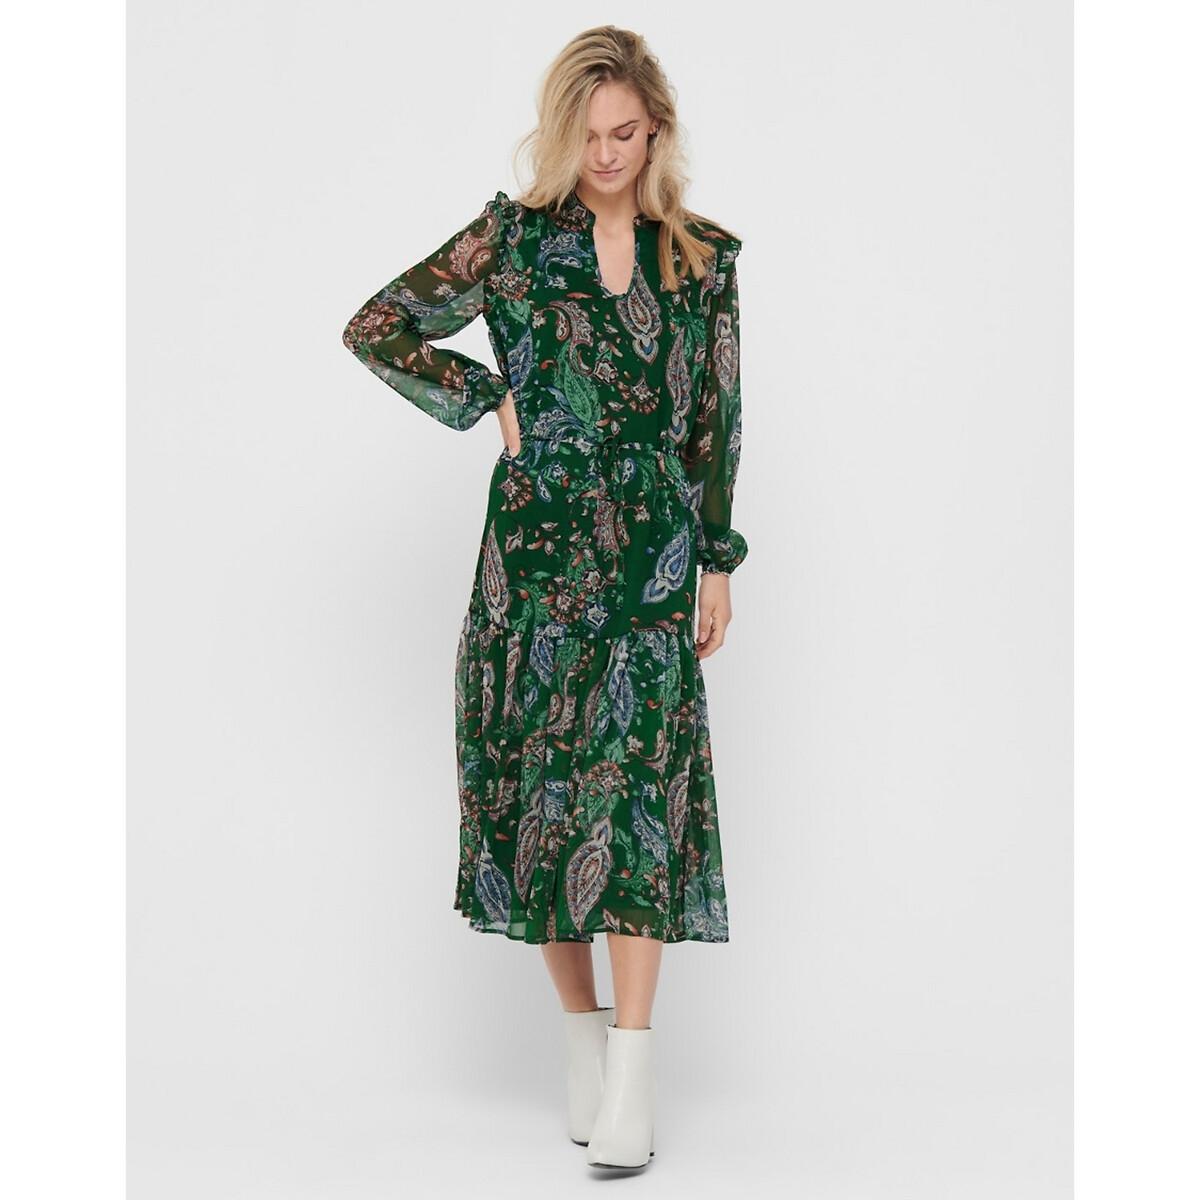 Платье La Redoute Длинное с воротником-стойкой 34 (FR) - 40 (RUS) зеленый платье la redoute длинное без рукавов с застежкой на пуговицы спереди 42 fr 48 rus зеленый